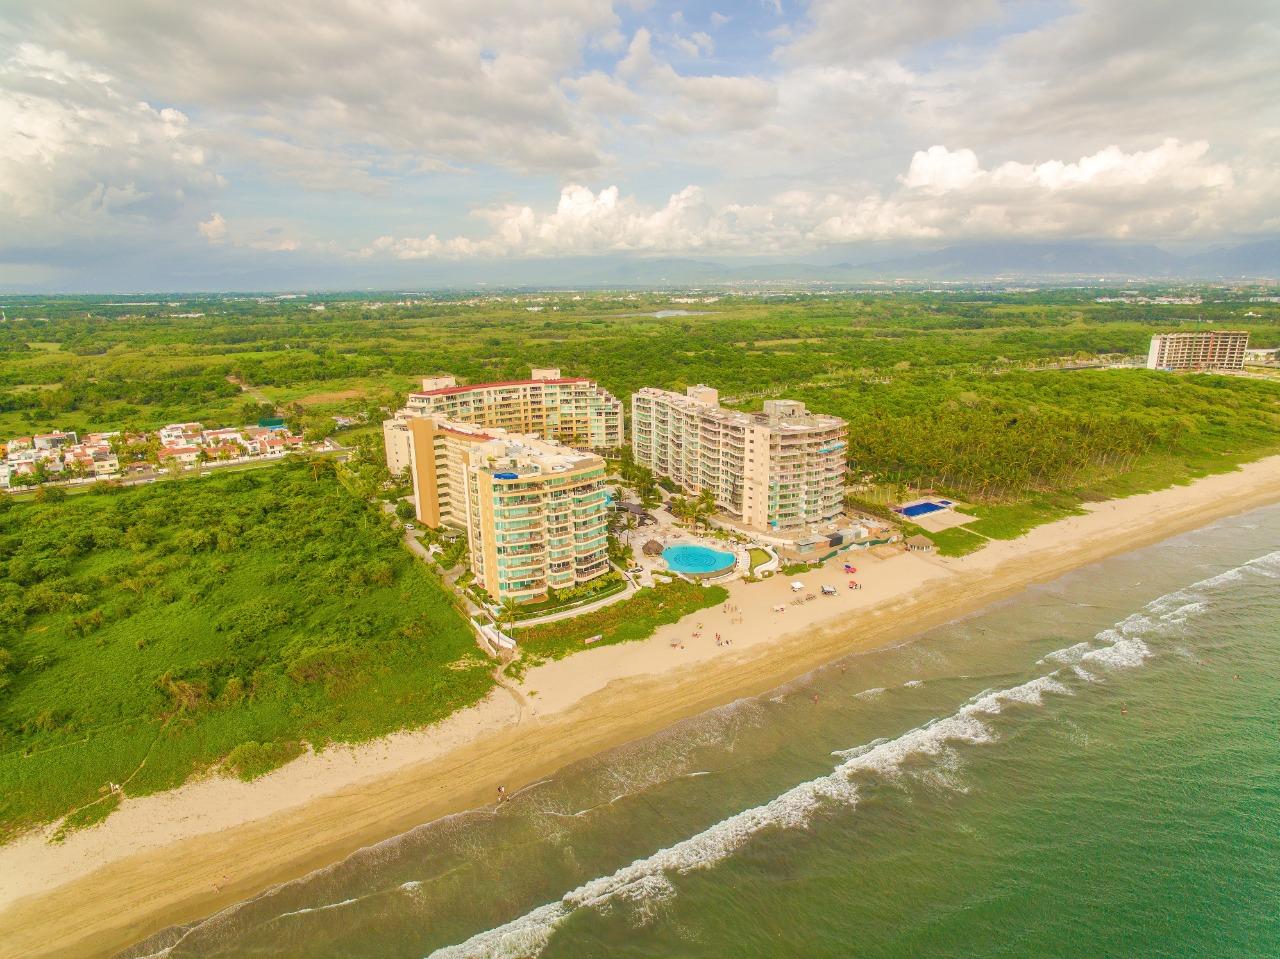 Vista aérea Condominio Delcanto Nuevo Vallarta